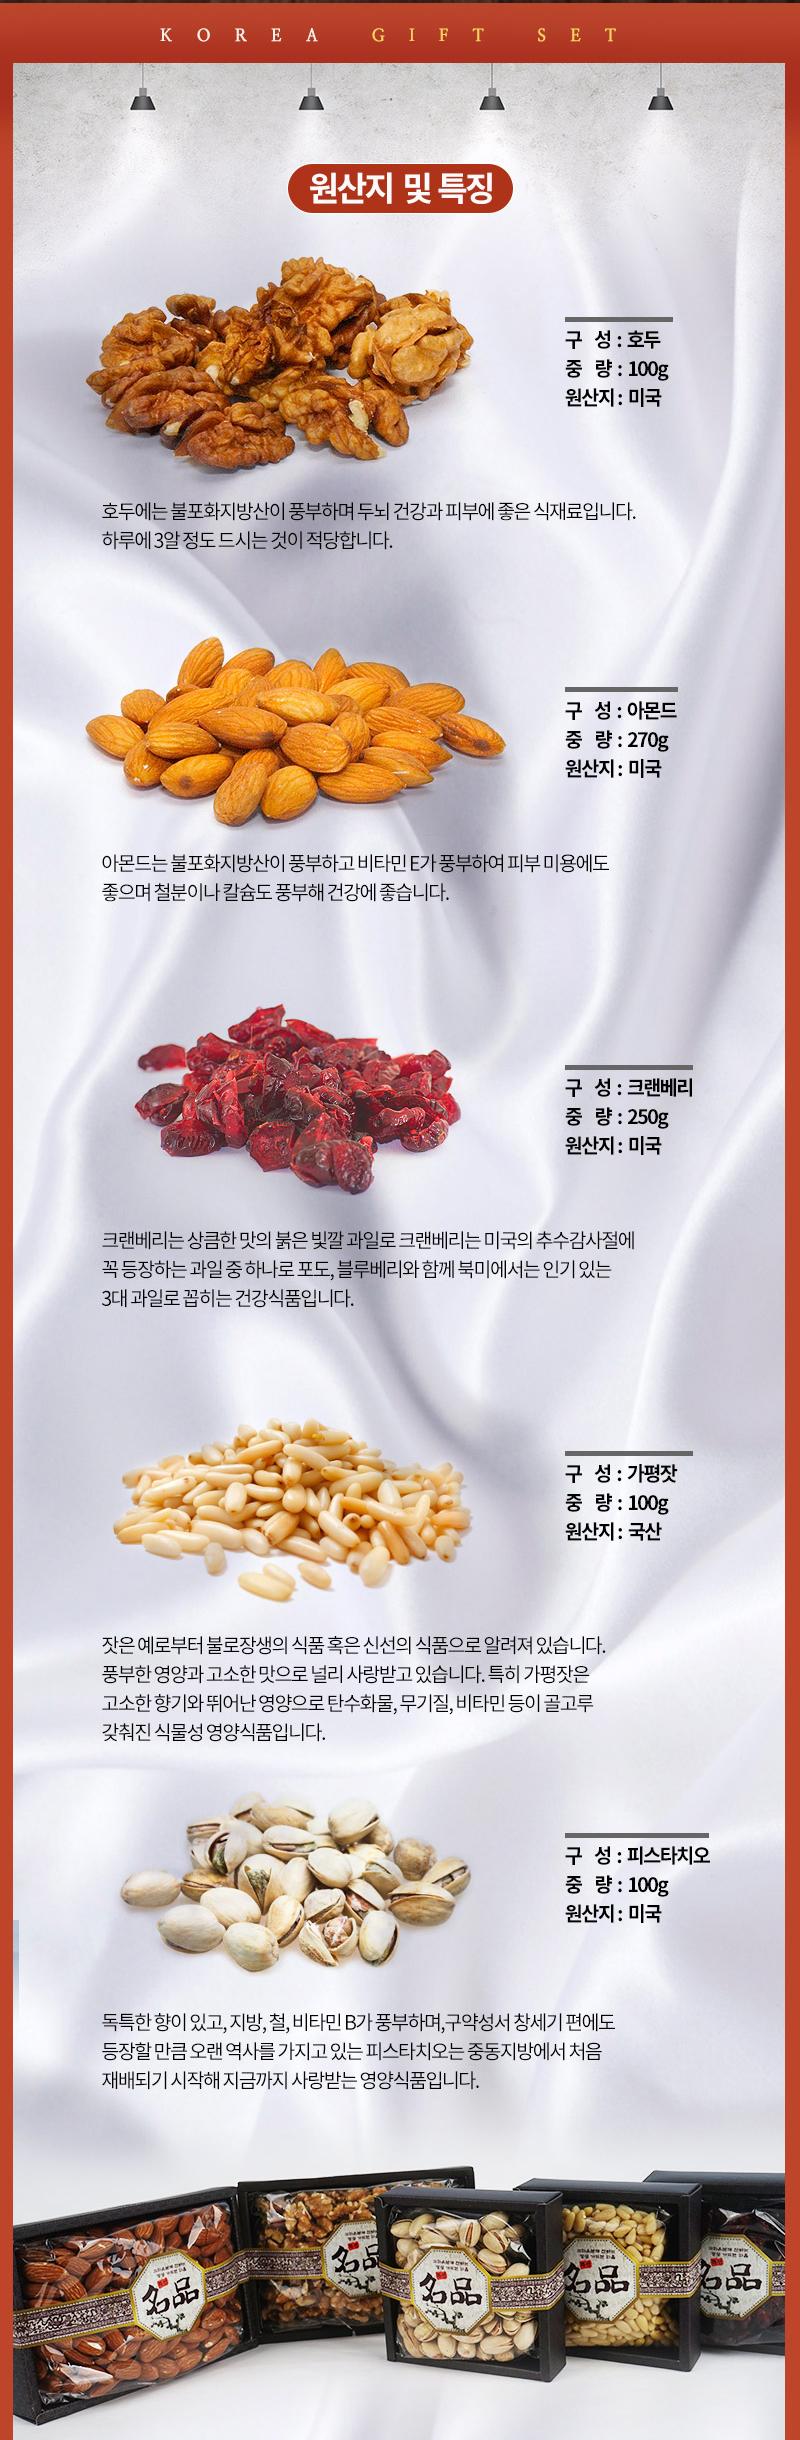 호두,임산부견과류,단백질견과류,말린과일,견과류밤,견과류과일